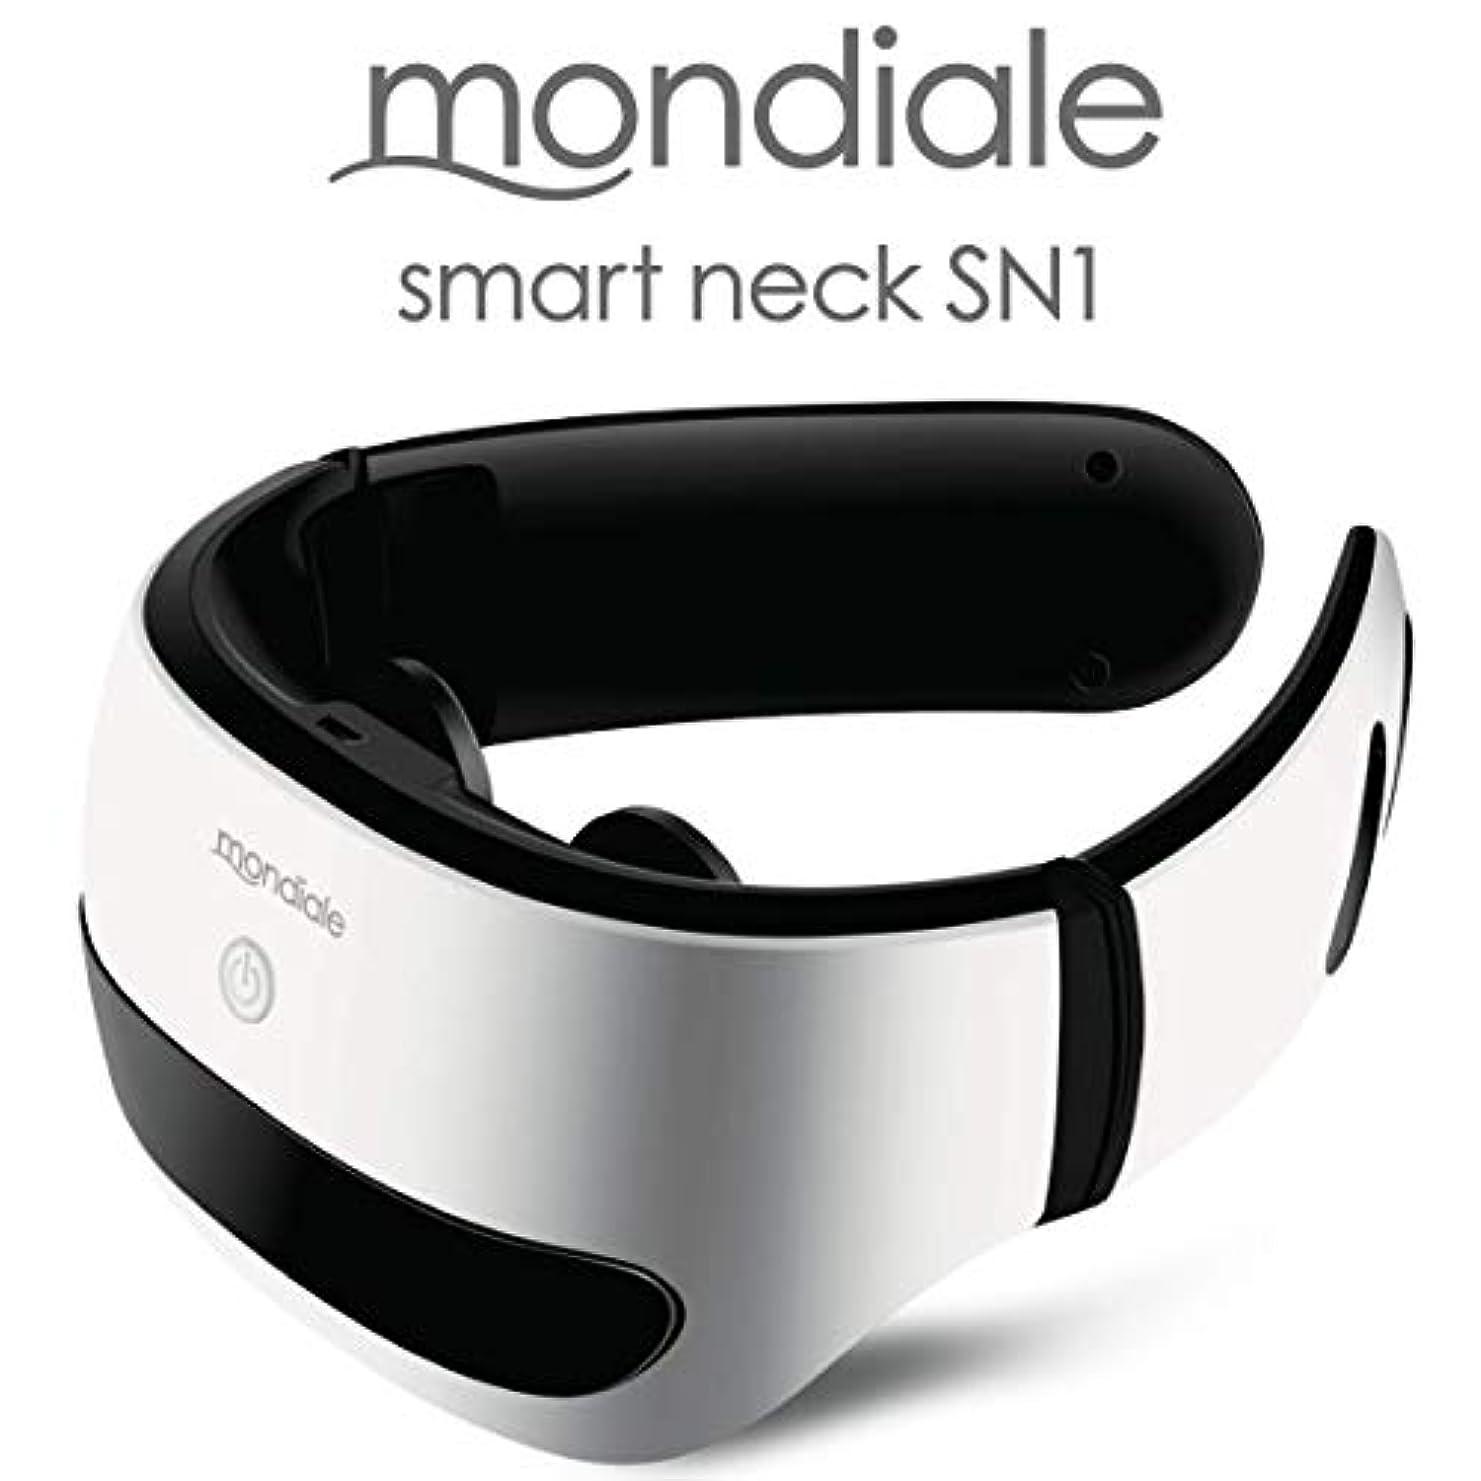 はがきオセアニアディスコモンデール スマートネック SN1 mondiale smart neck SN1